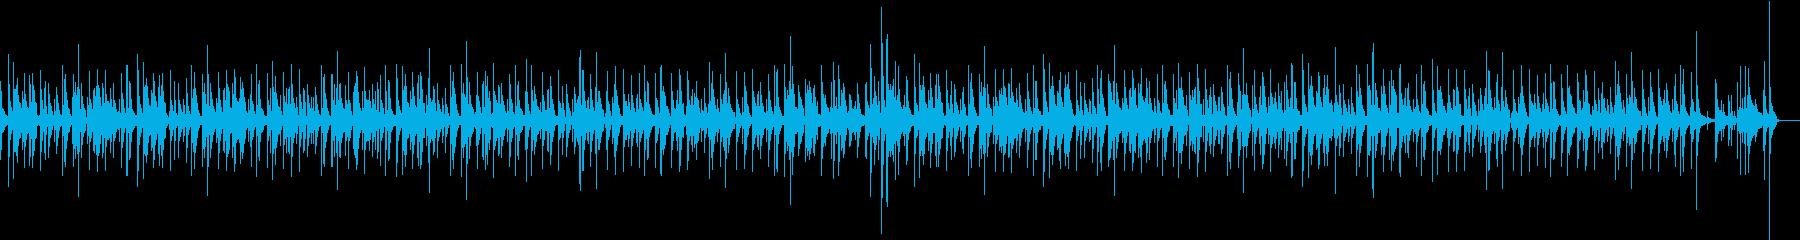 ジャズバーでのピアノトリオ演奏リラックスの再生済みの波形